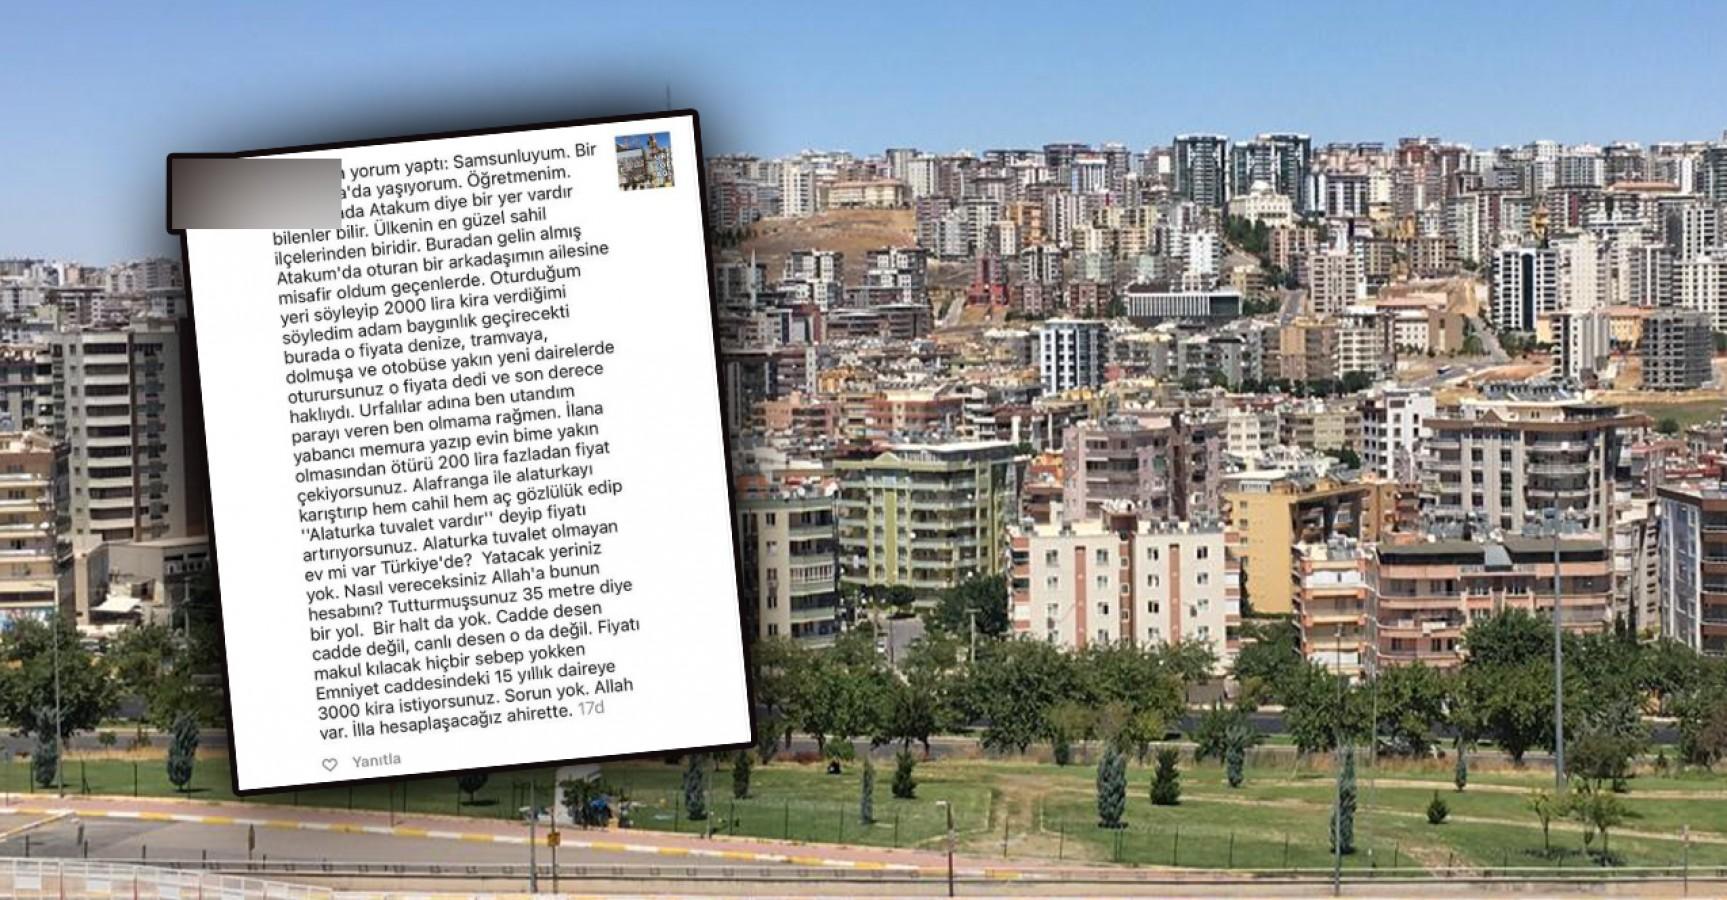 Samsunlu öğretmen Urfa'daki kira fiyatlarına...